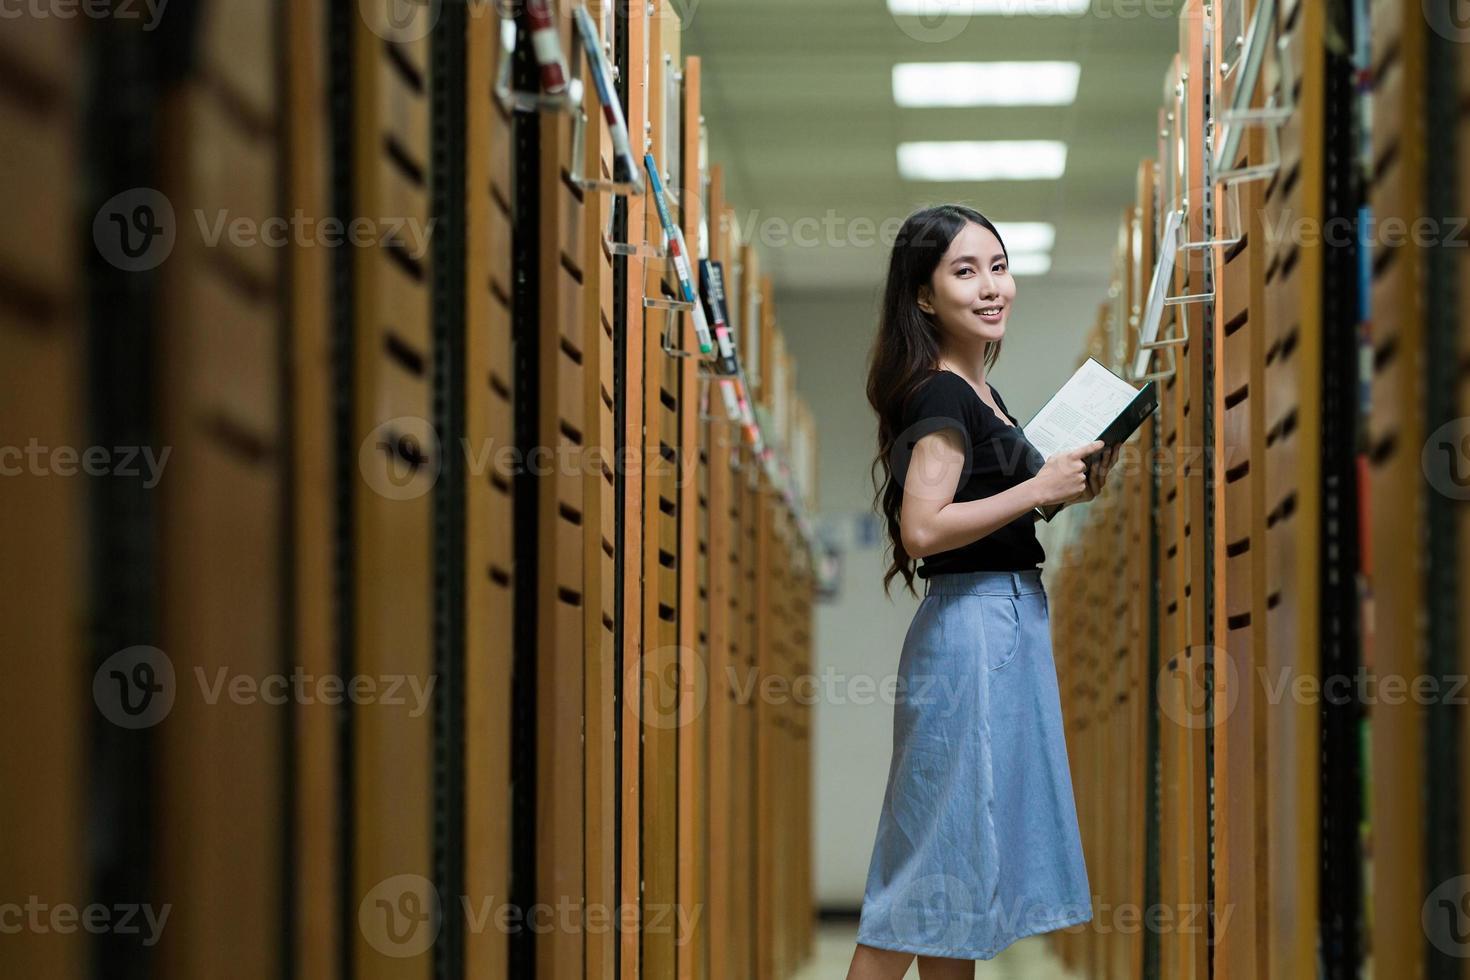 studenti in biblioteca foto